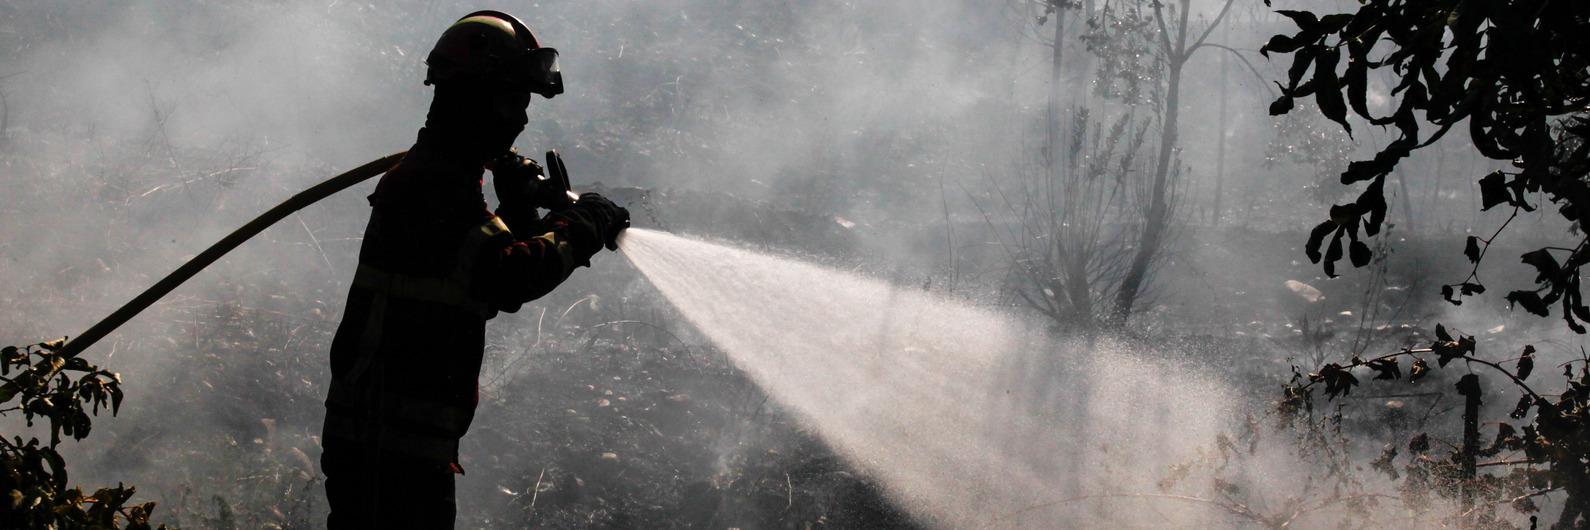 Incêndio da Covilhã, que obrigou à retirada de 90 pessoas, em fase de resolução